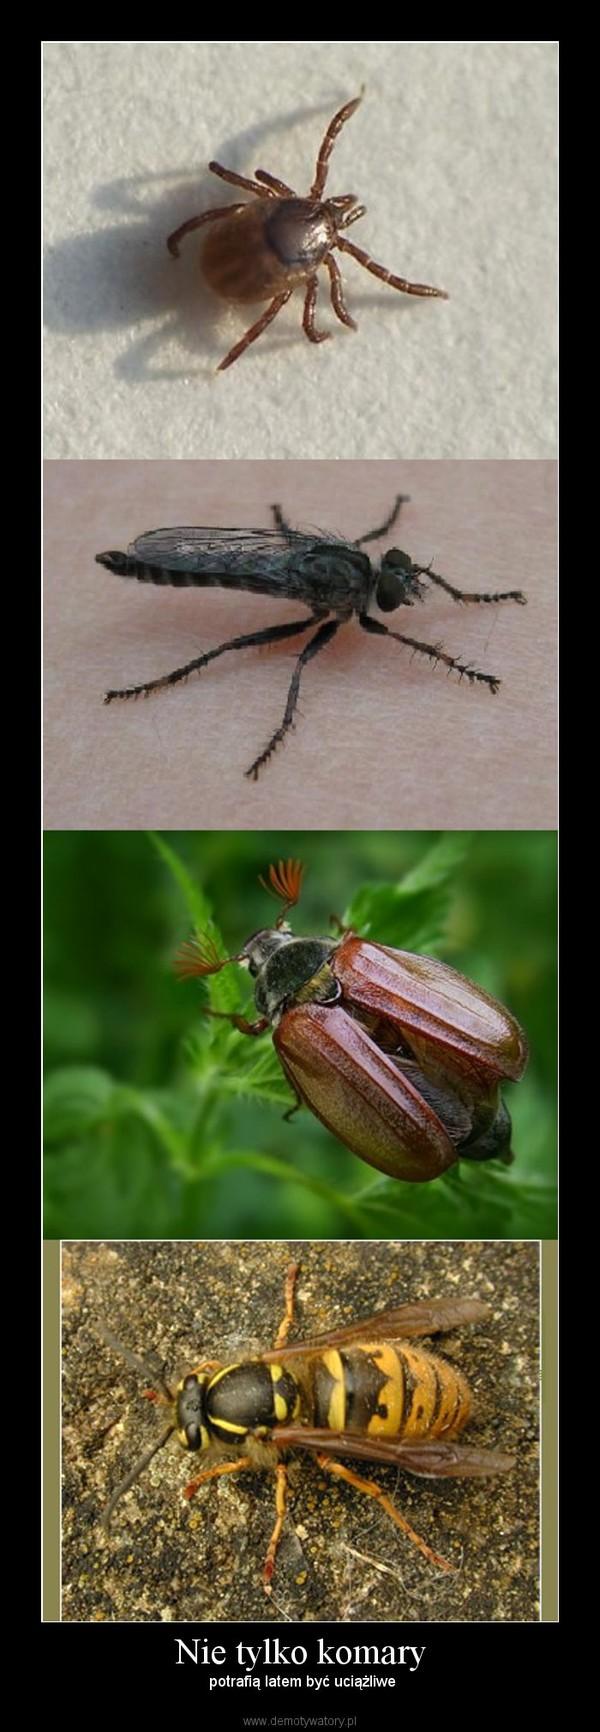 Nie tylko komary – potrafią latem być uciążliwe